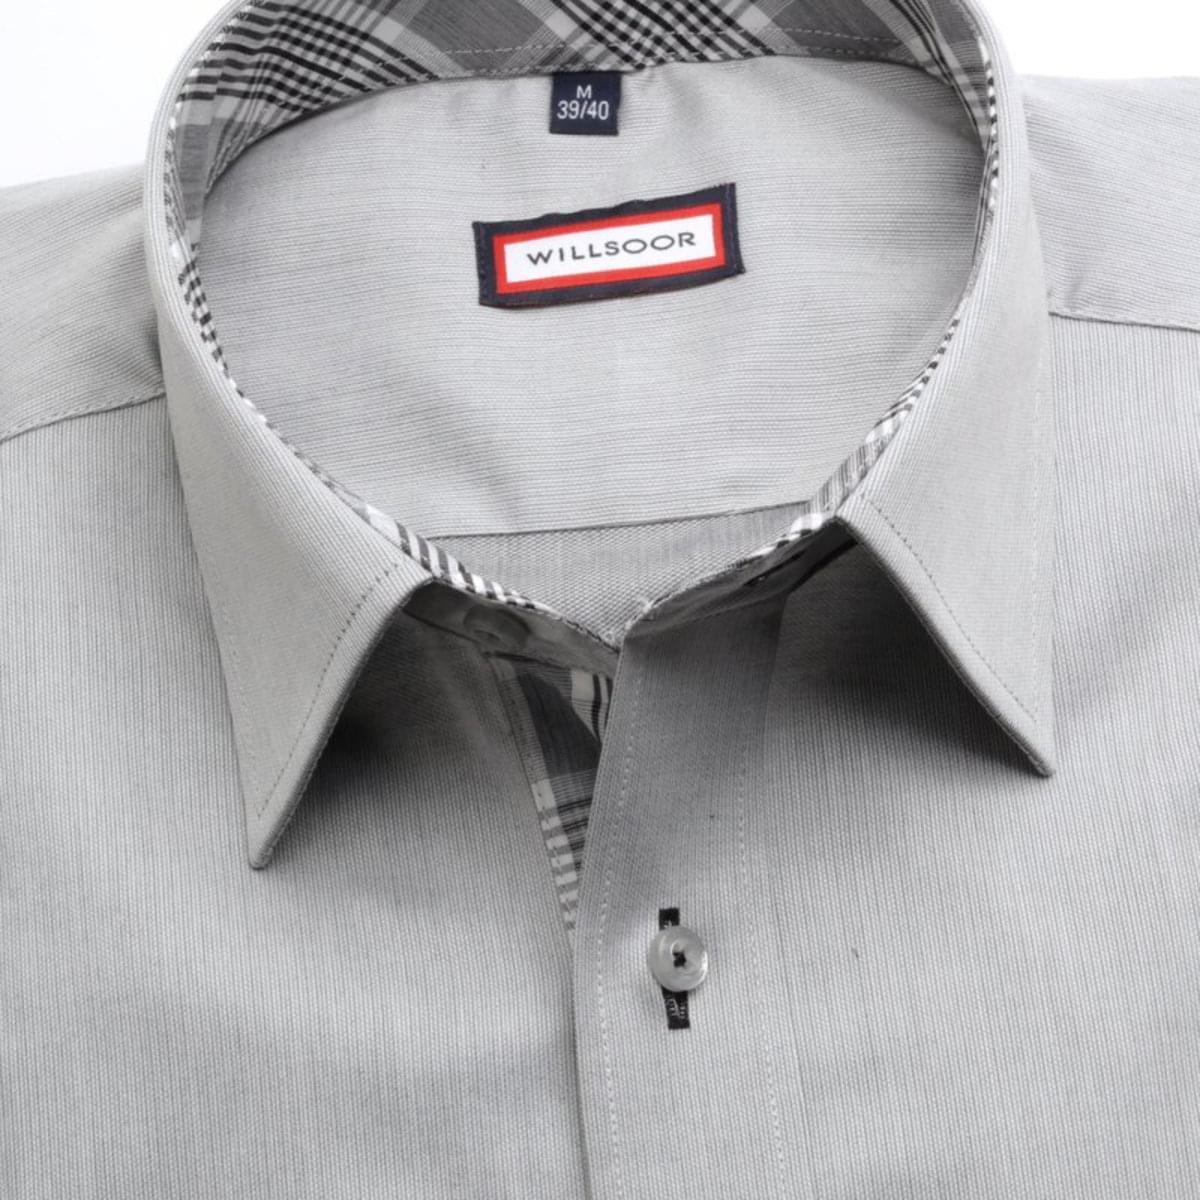 Pánská slim fit košile (výška 188-194) 7440 v šedé barvě 188-194 / XL (43/44)